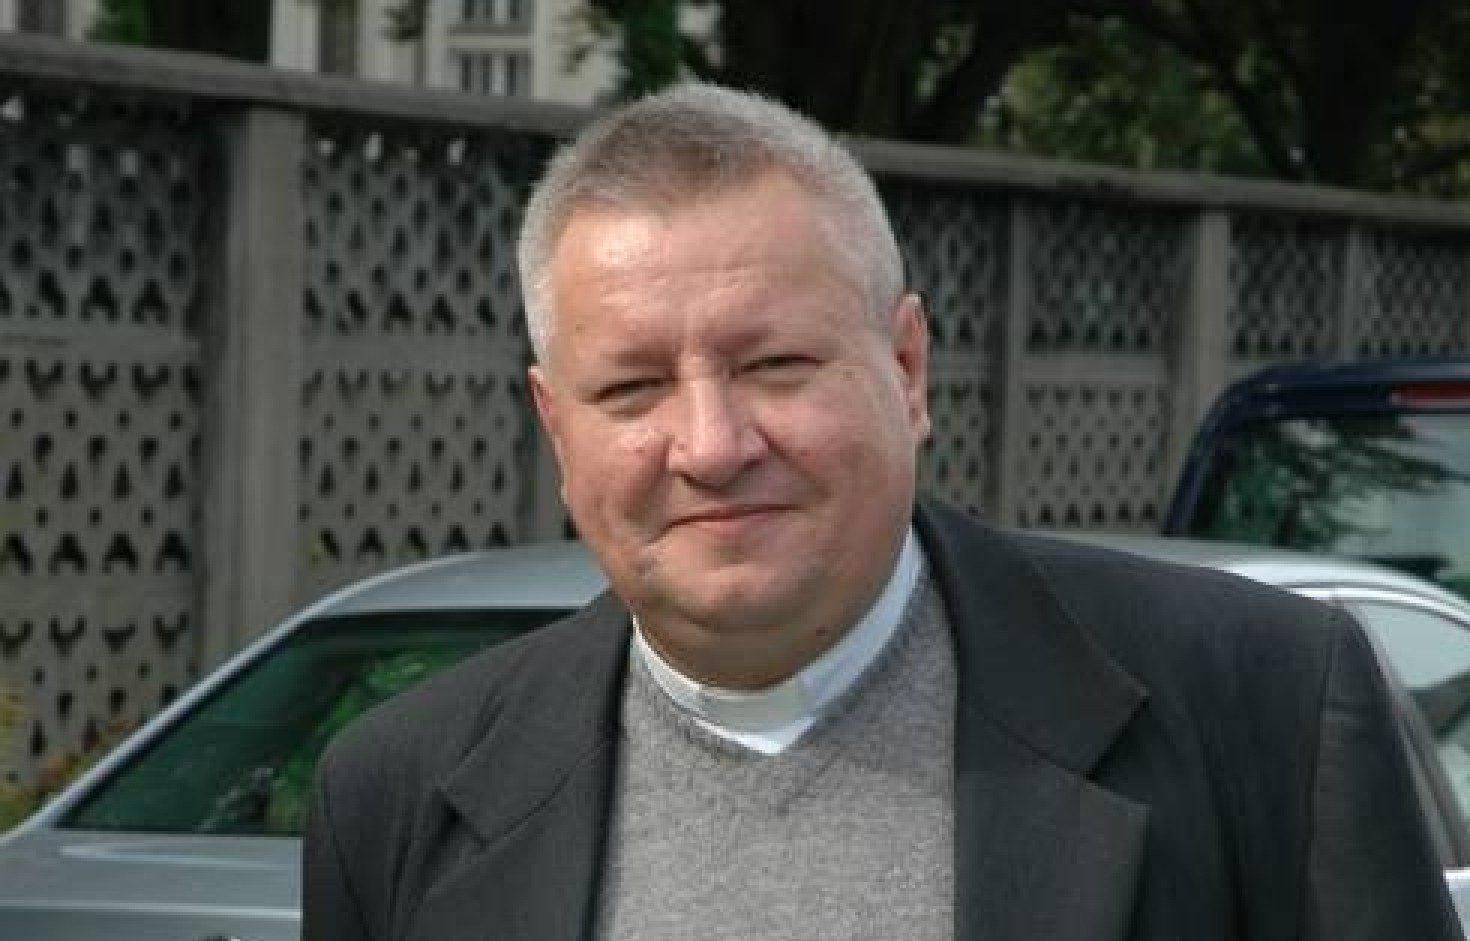 Moderator generalny biskupem!!